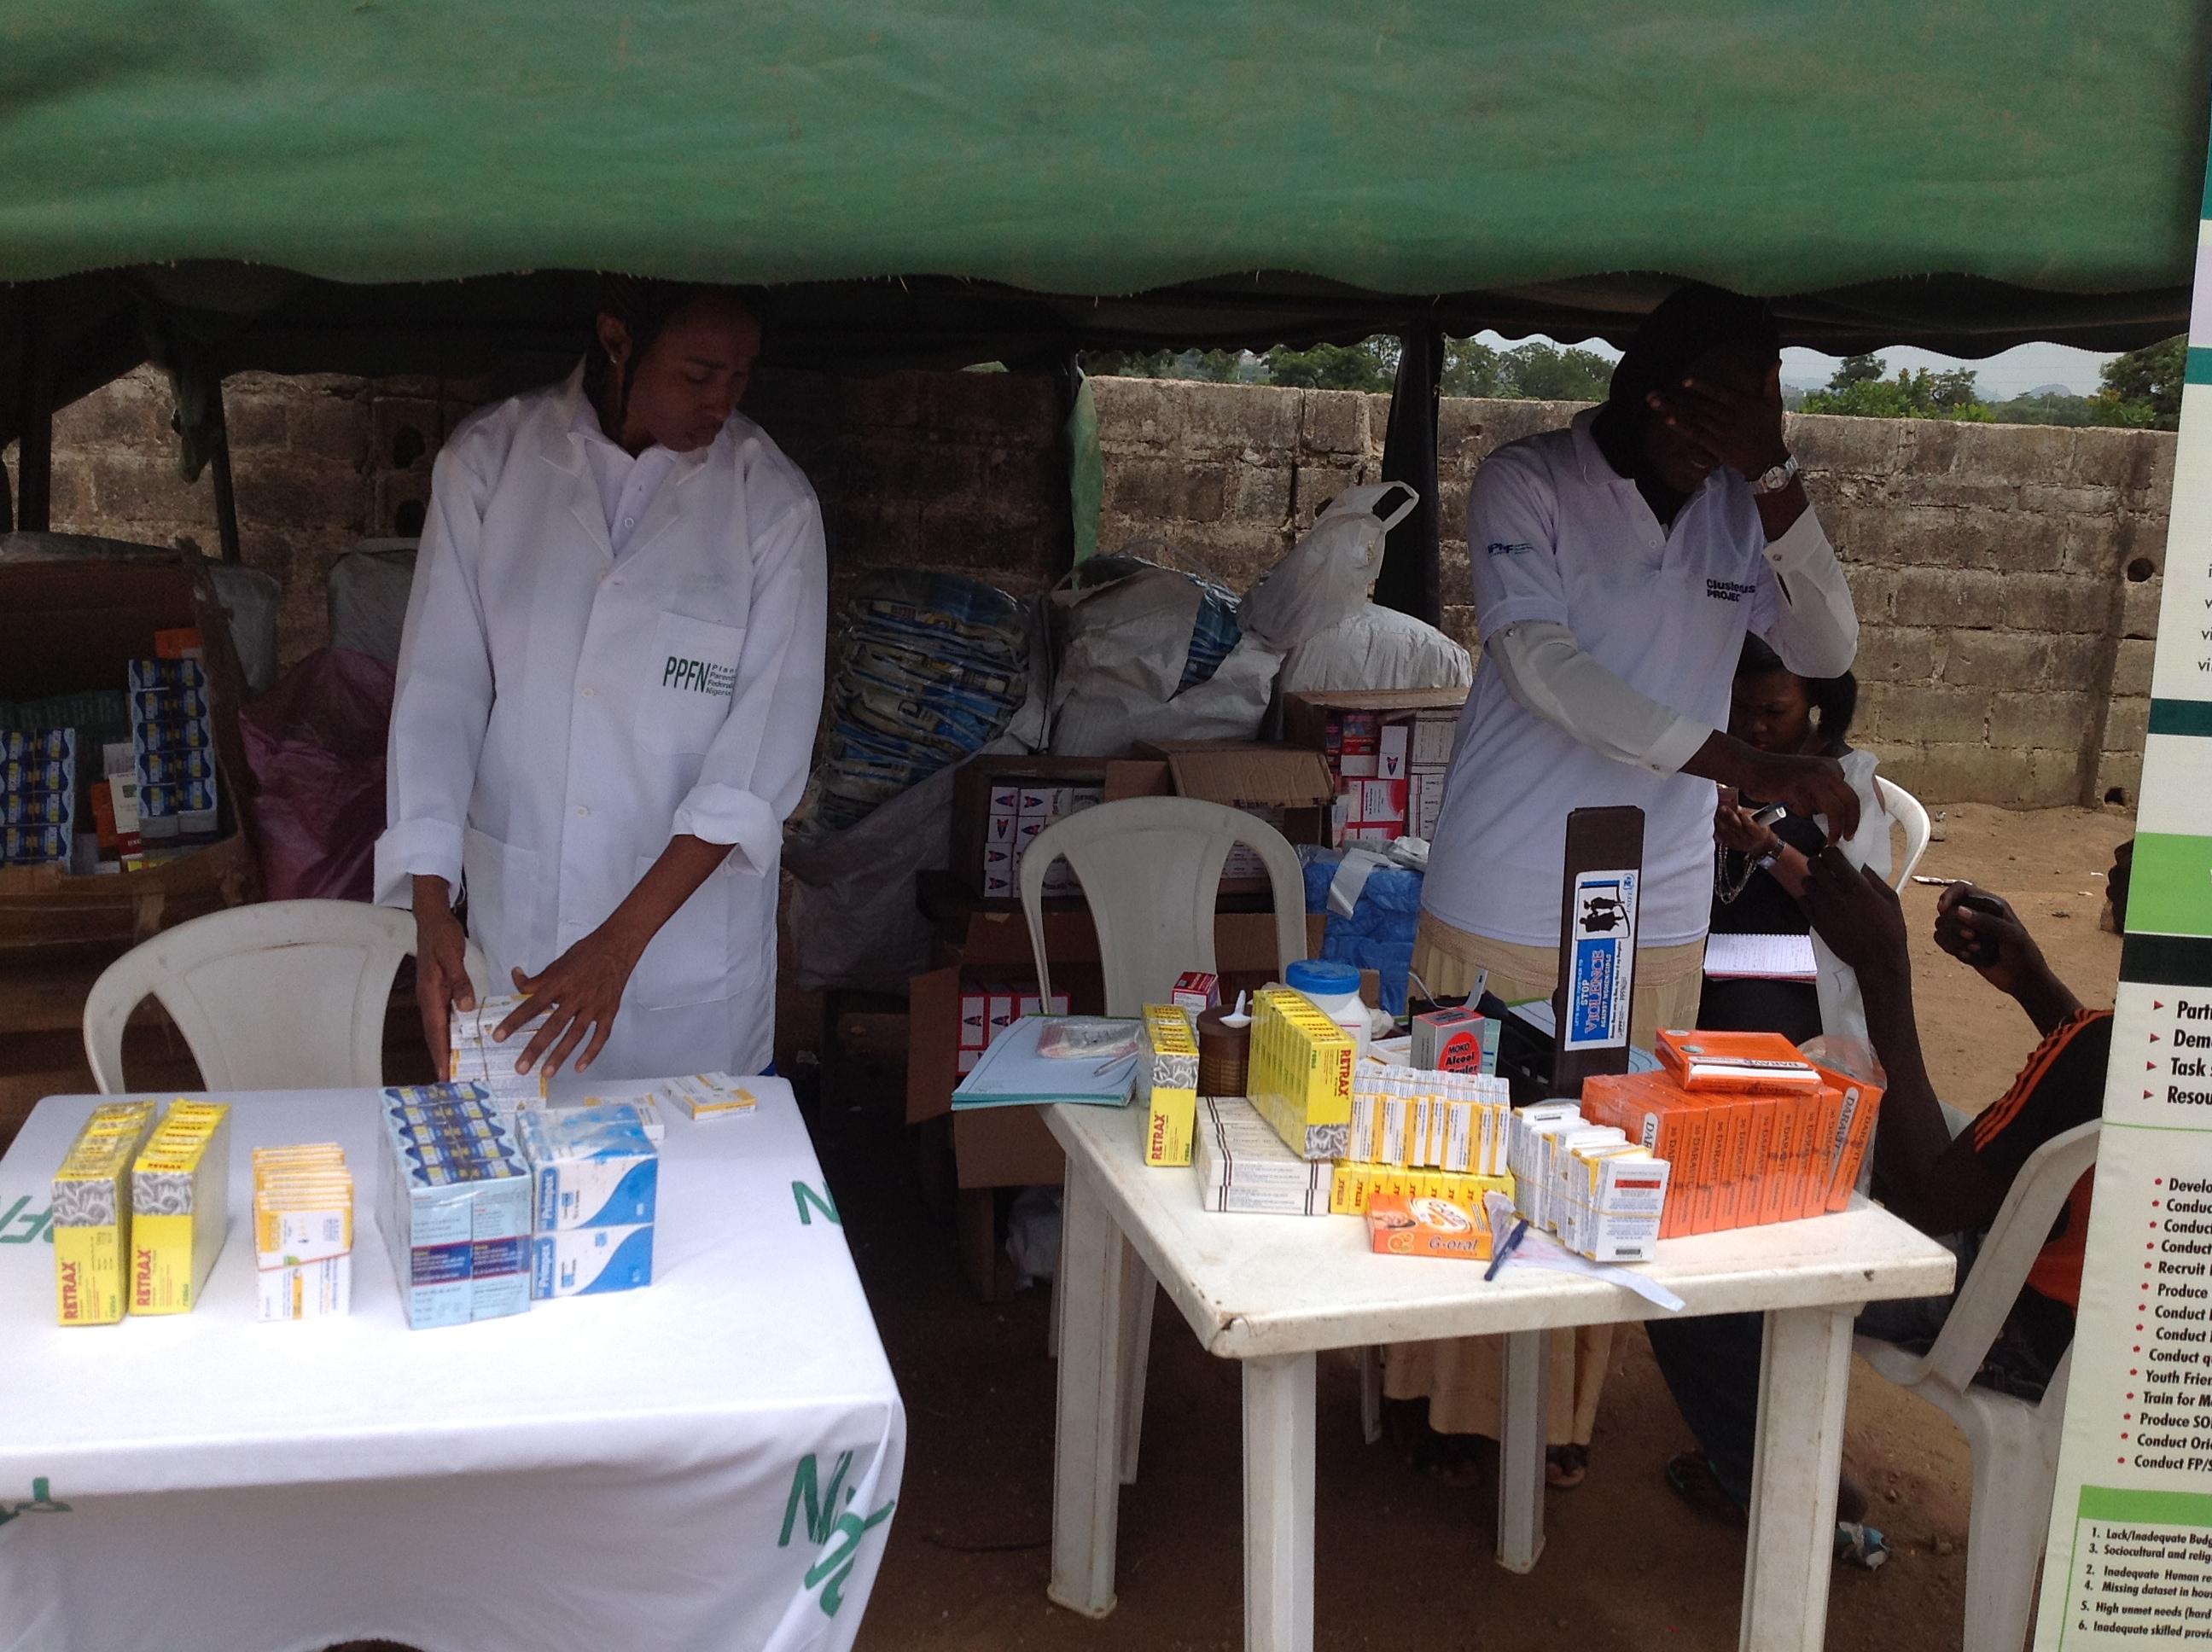 PPFN - Global Fund Malaria